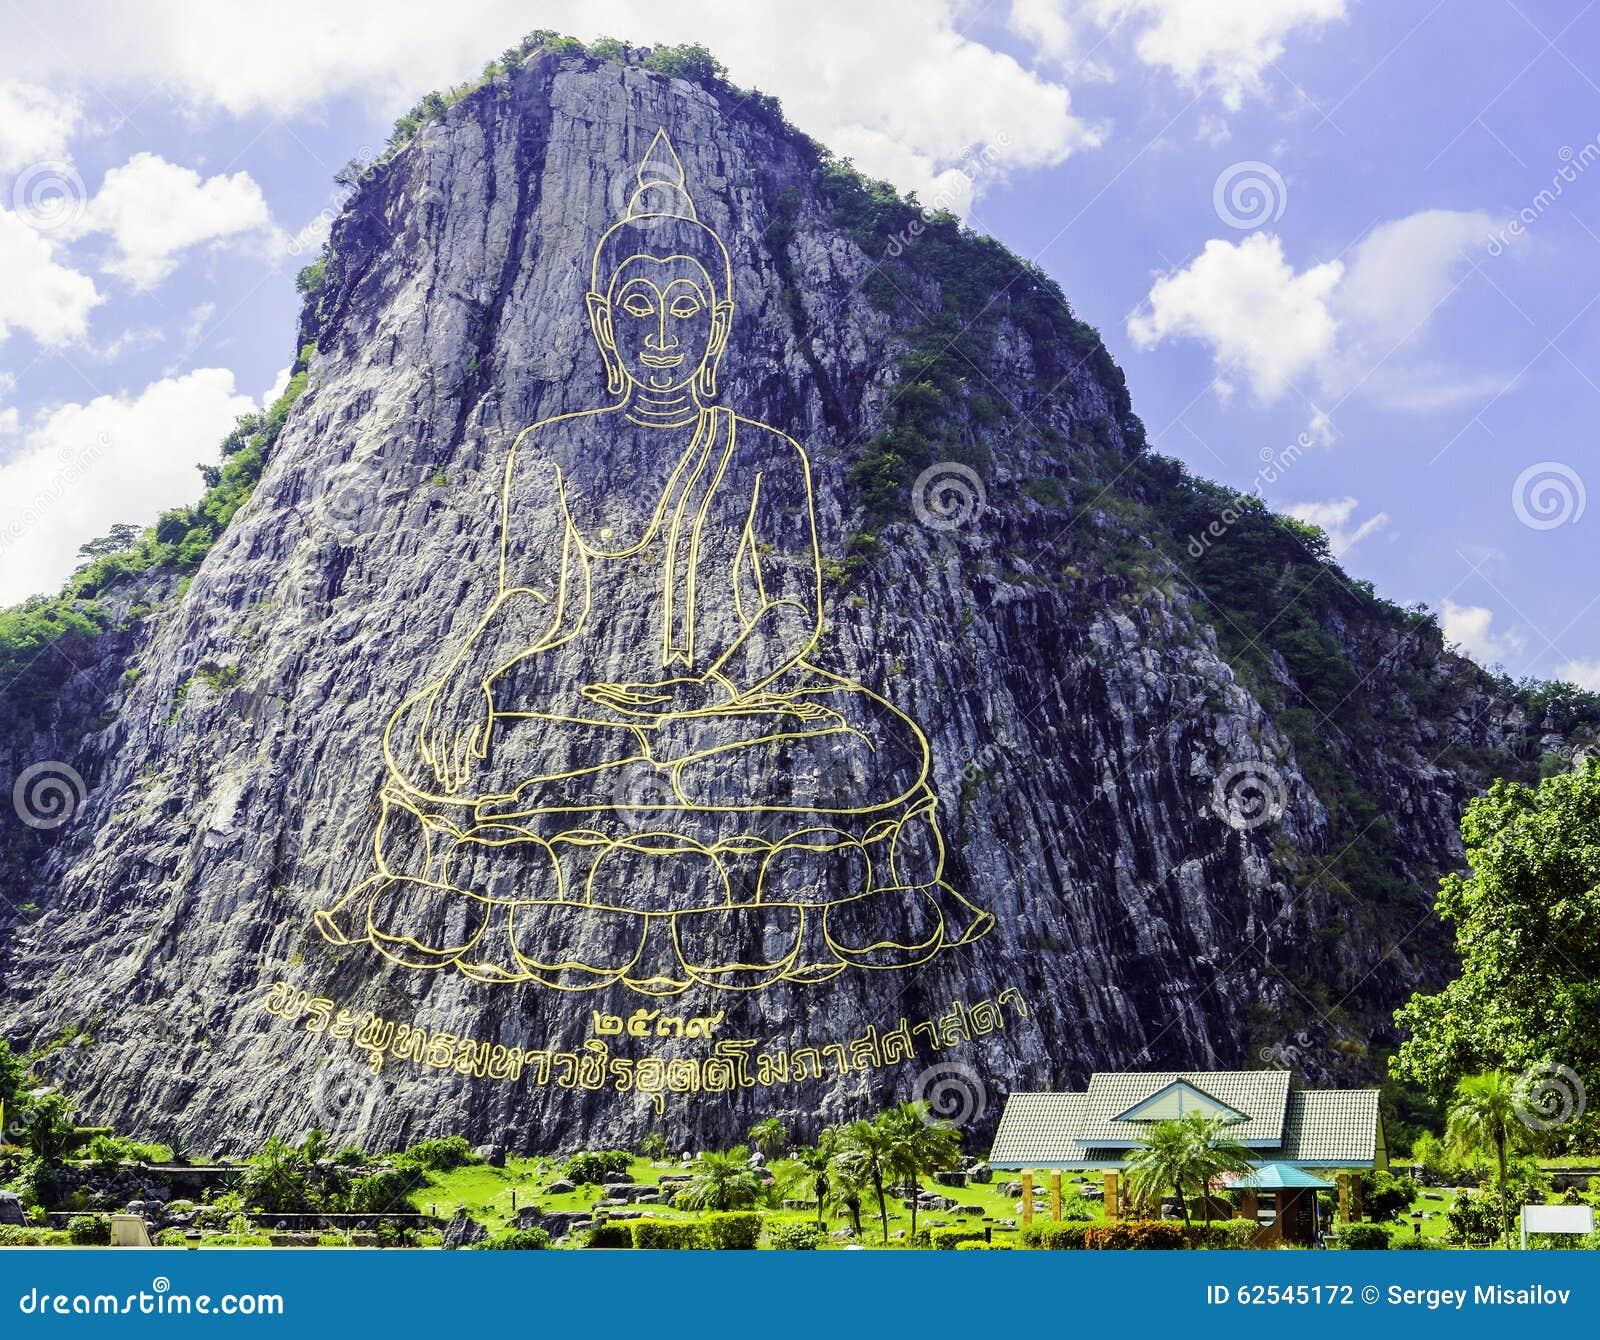 3,000+ Free Buddha & Meditation Images - Pixabay